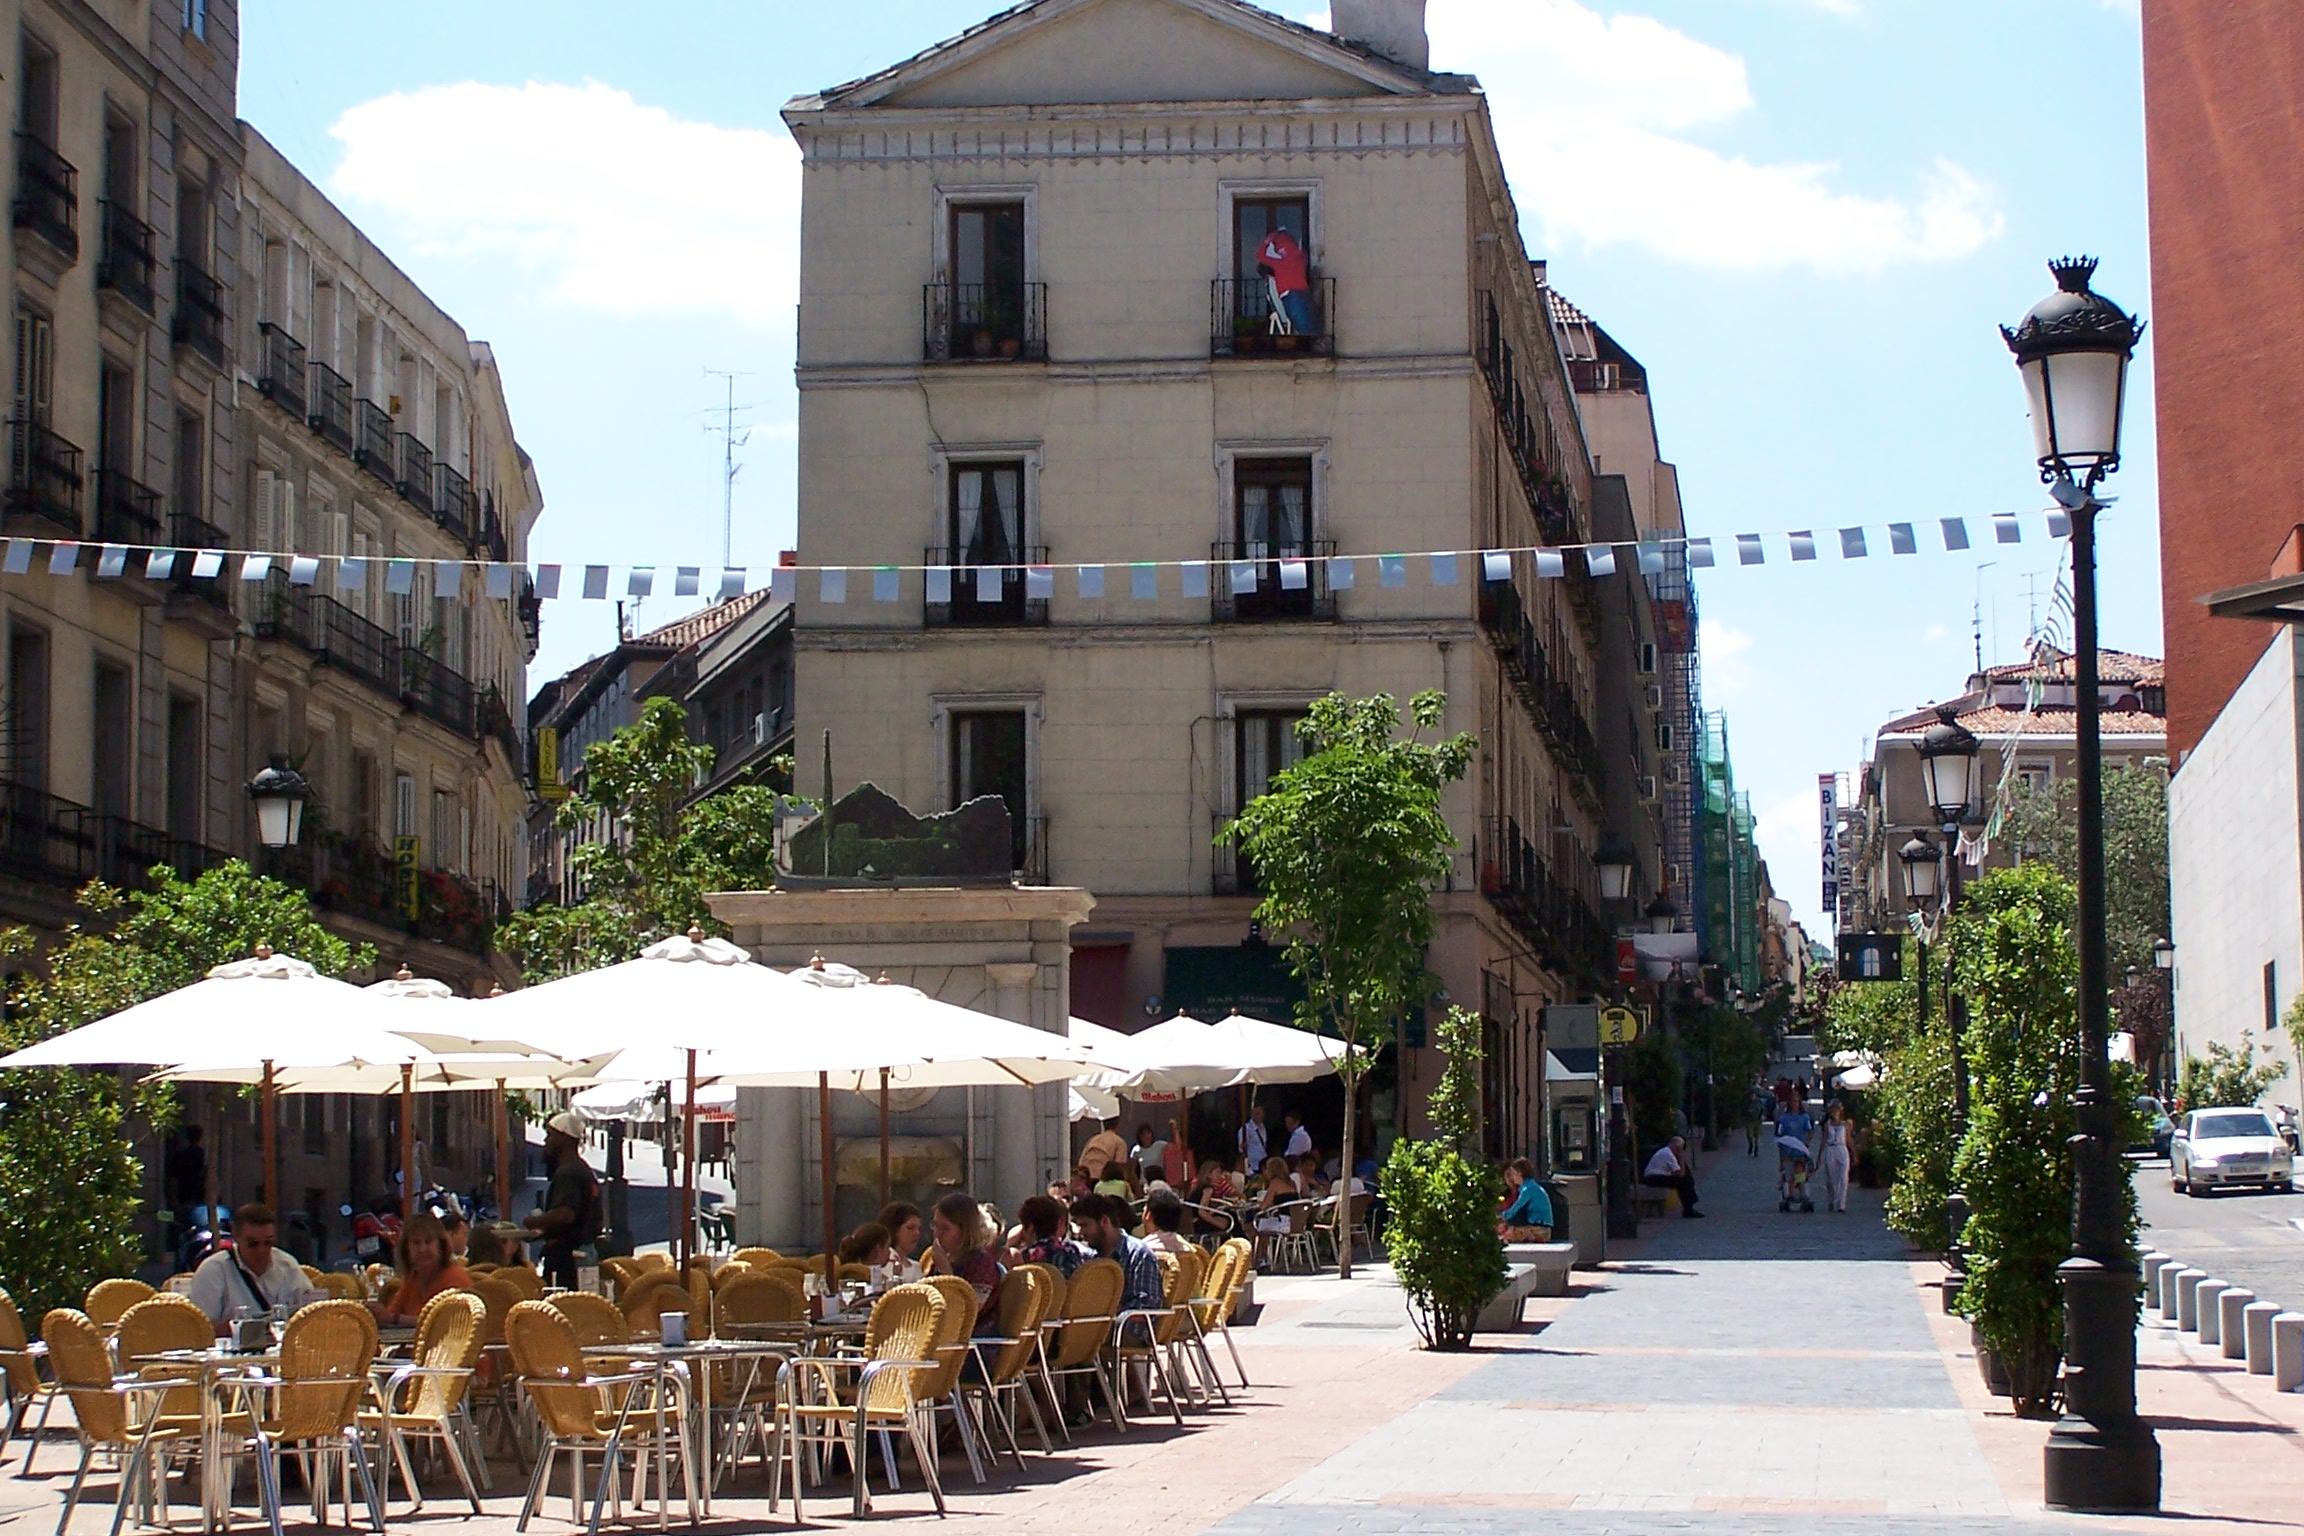 Barrio de las Letras - Wikipedia, la enciclopedia libre